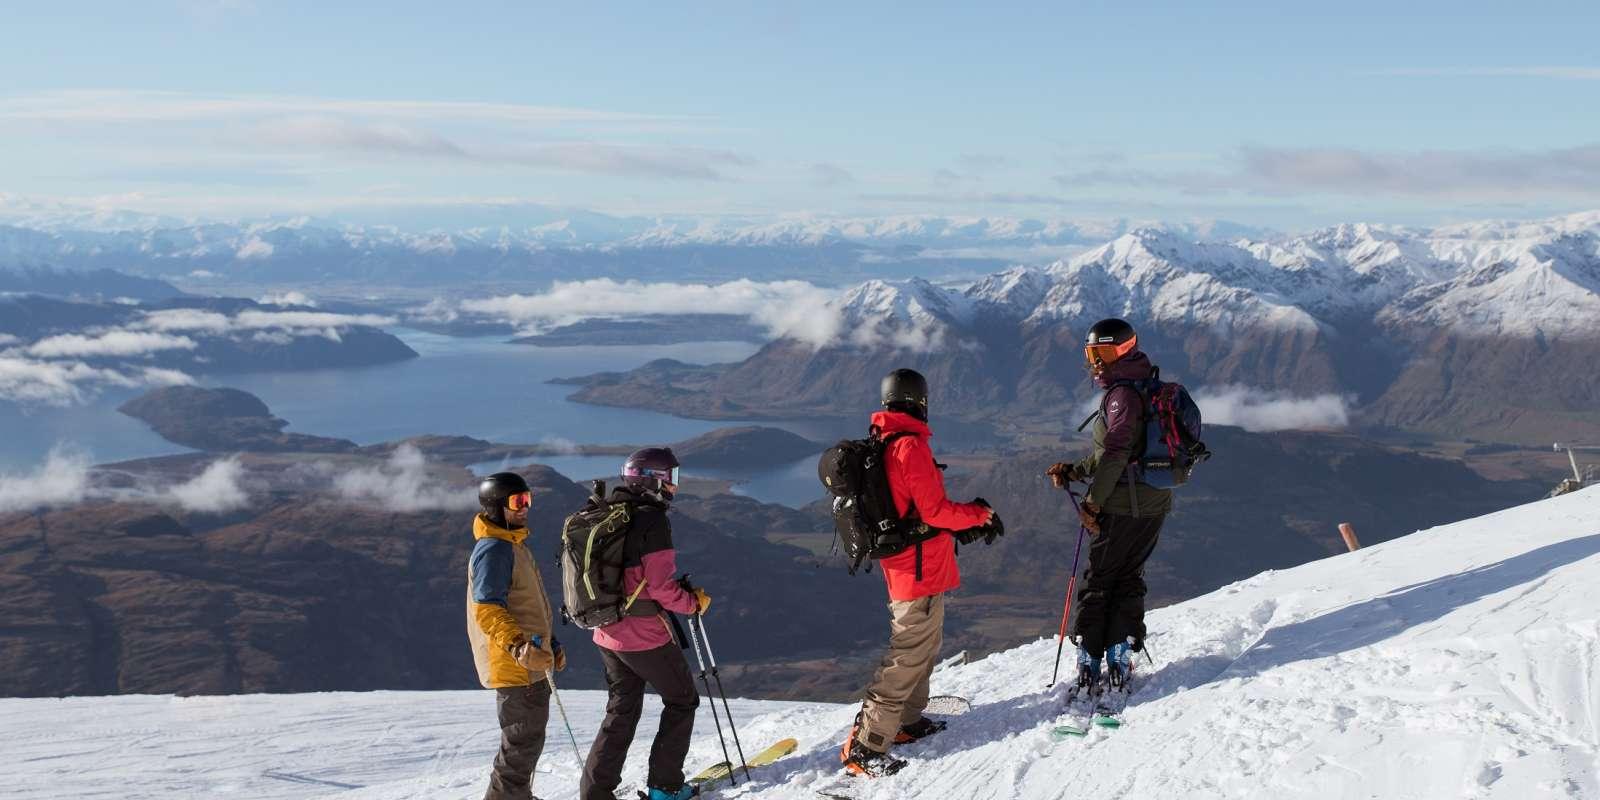 View from Treble Cone Ski Area